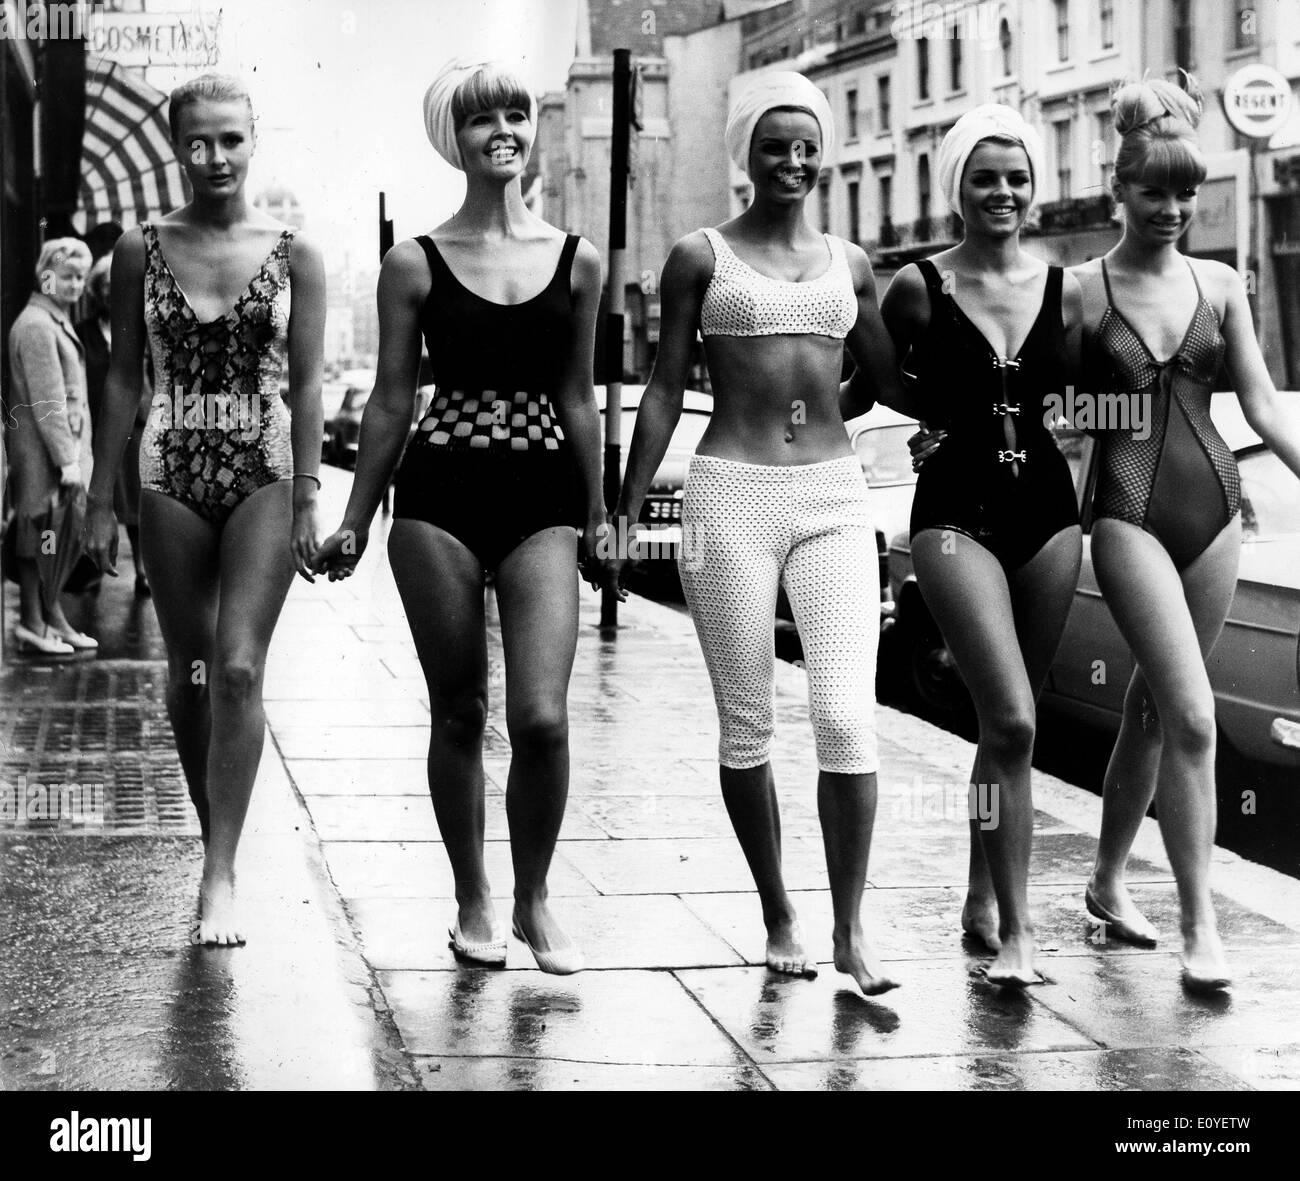 https://c7.alamy.com/compfr/e0yetw/01-janv-1970-londres-angleterre-royaume-uni-photo-1960-des-annees-70-jeunes-filles-posant-en-bikini-dans-des-defiles-de-mode-les-pousses-et-sur-les-plages-de-bronzage-selon-la-version-officielle-le-bikini-moderne-a-ete-invente-par-l-ingenieur-francais-louis-et-rekard-fashion-designer-jacques-heim-a-paris-en-1946-et-a-presente-le-5-juillet-a-un-defile-a-piscine-molitor-a-paris-c-etait-un-bikini-avec-un-g-string-dos-e0yetw.jpg